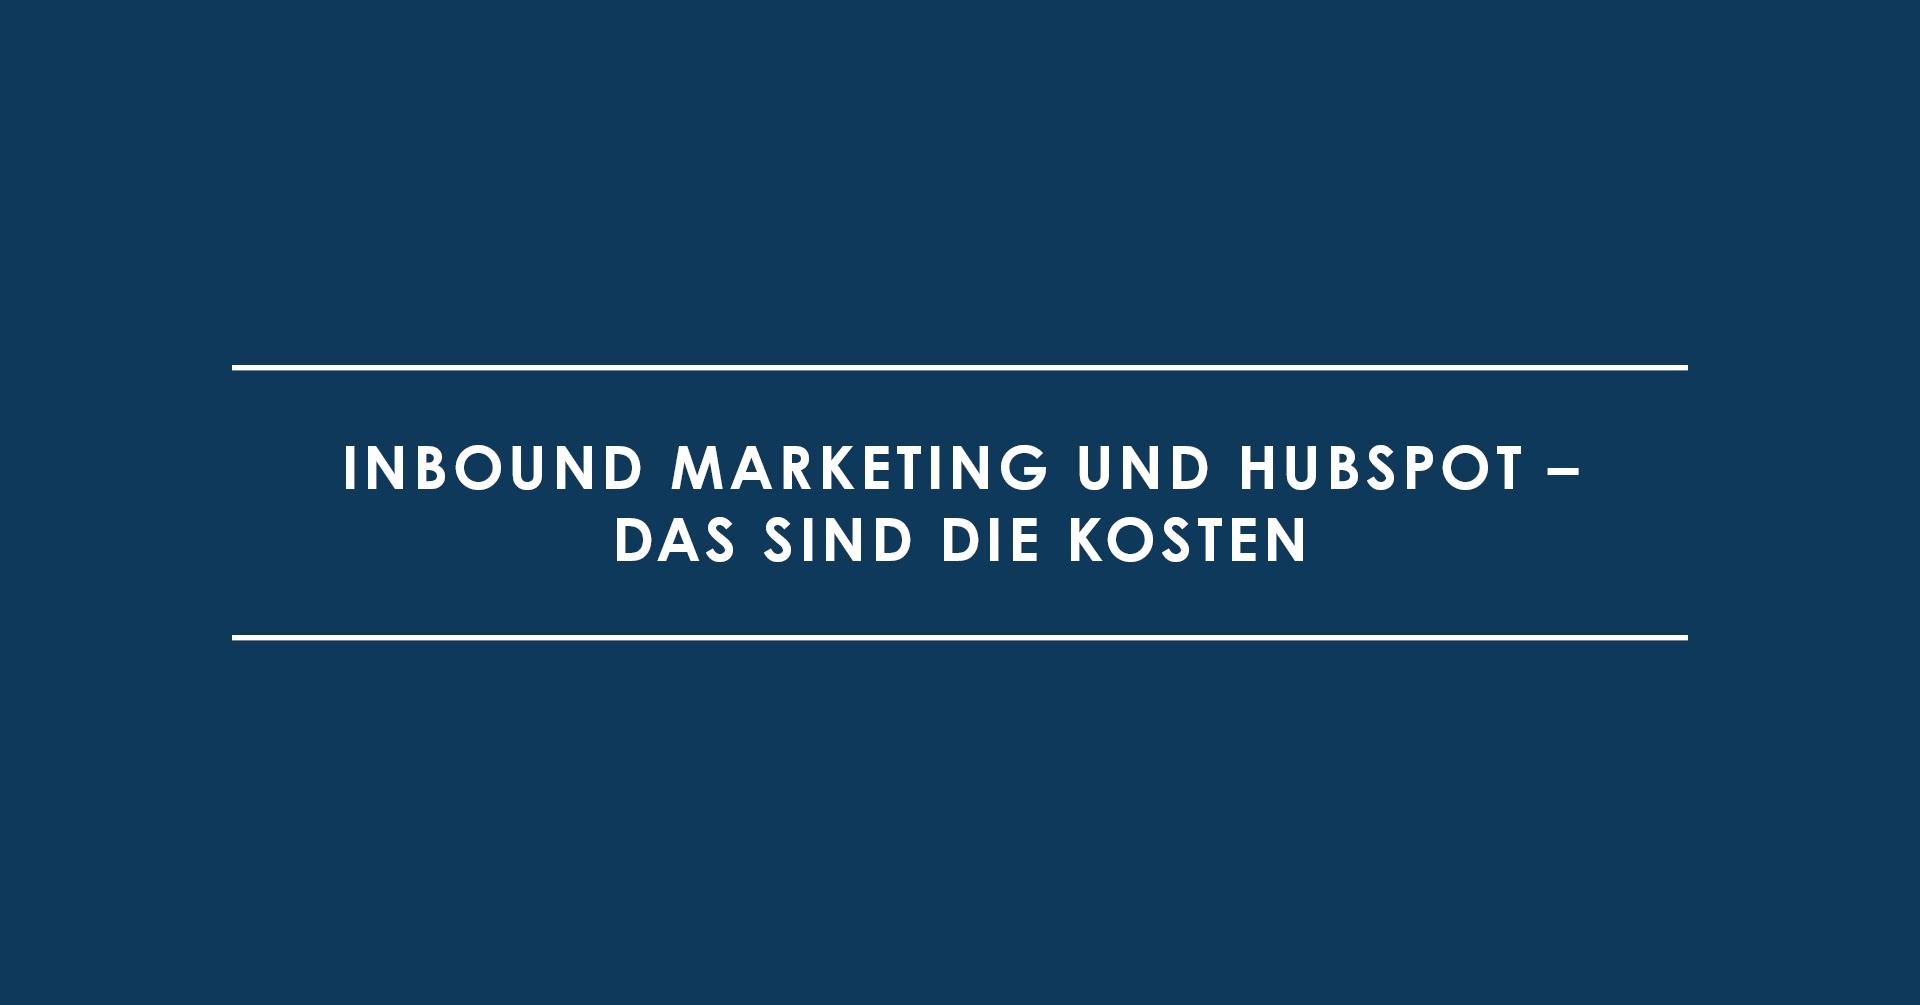 Inbound Marketing und HubSpot – das sind die Kosten